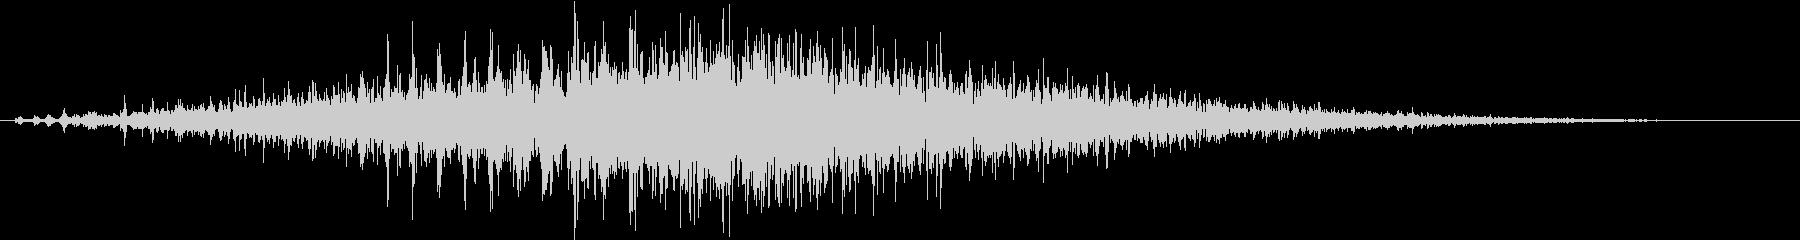 「シュルシュル」石を擦った鈴の音L-Rの未再生の波形